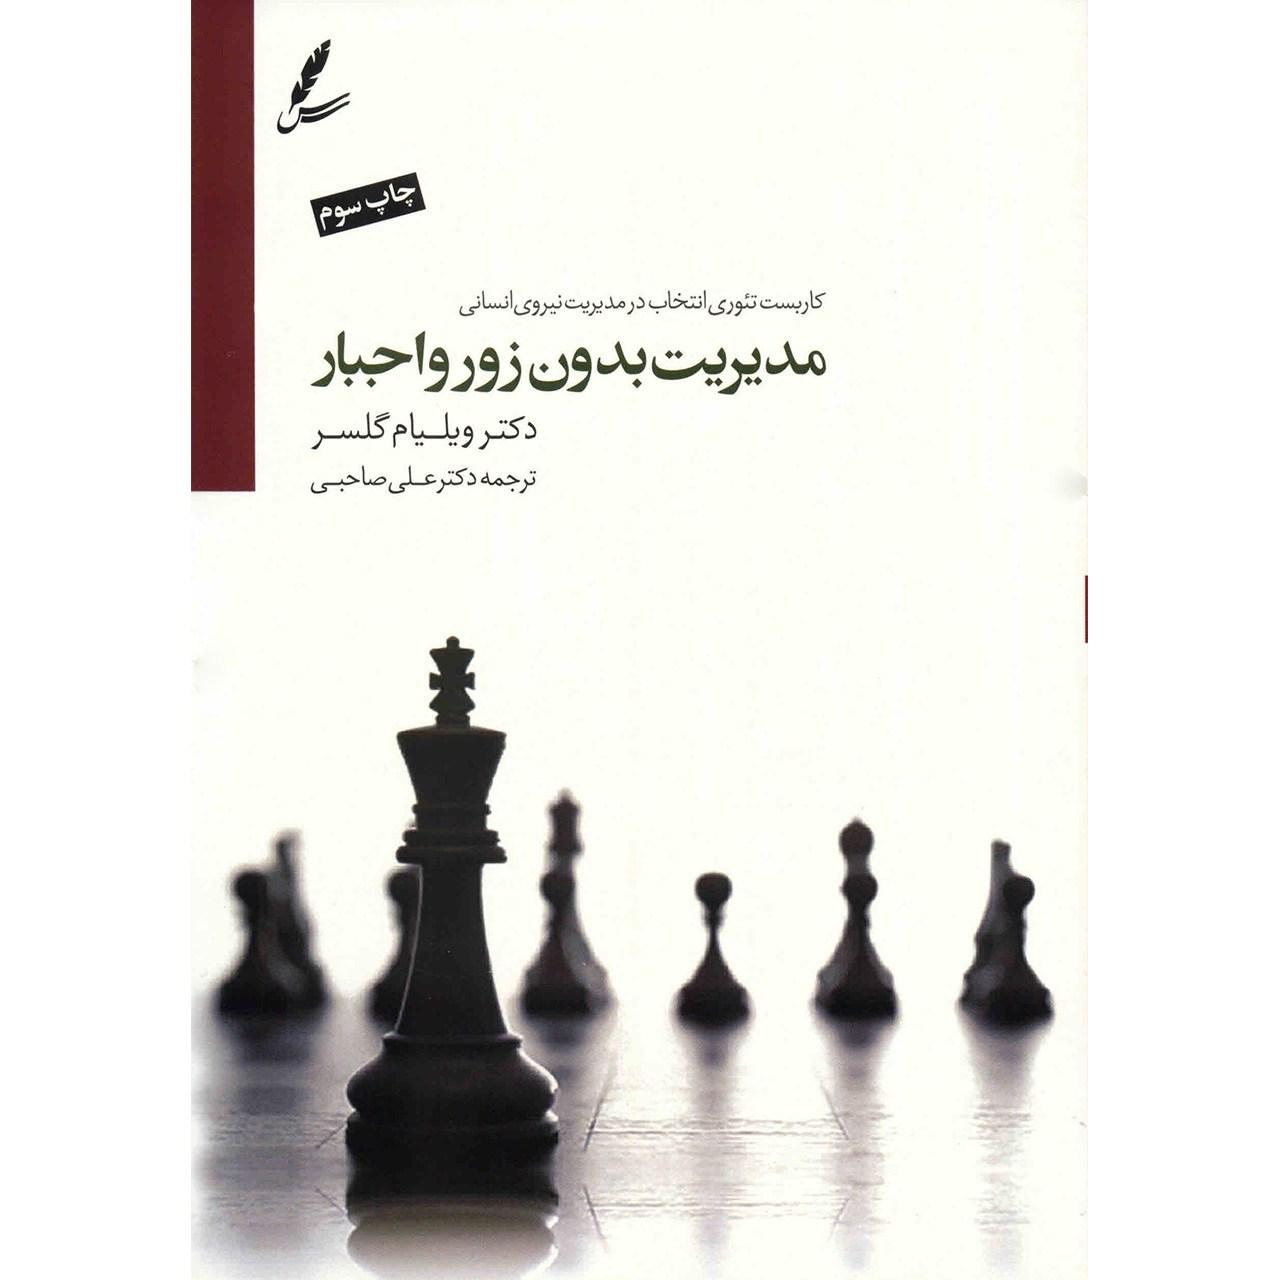 خرید                      کتاب مدیریت بدون زور و اجبار اثر ویلیام گلسر